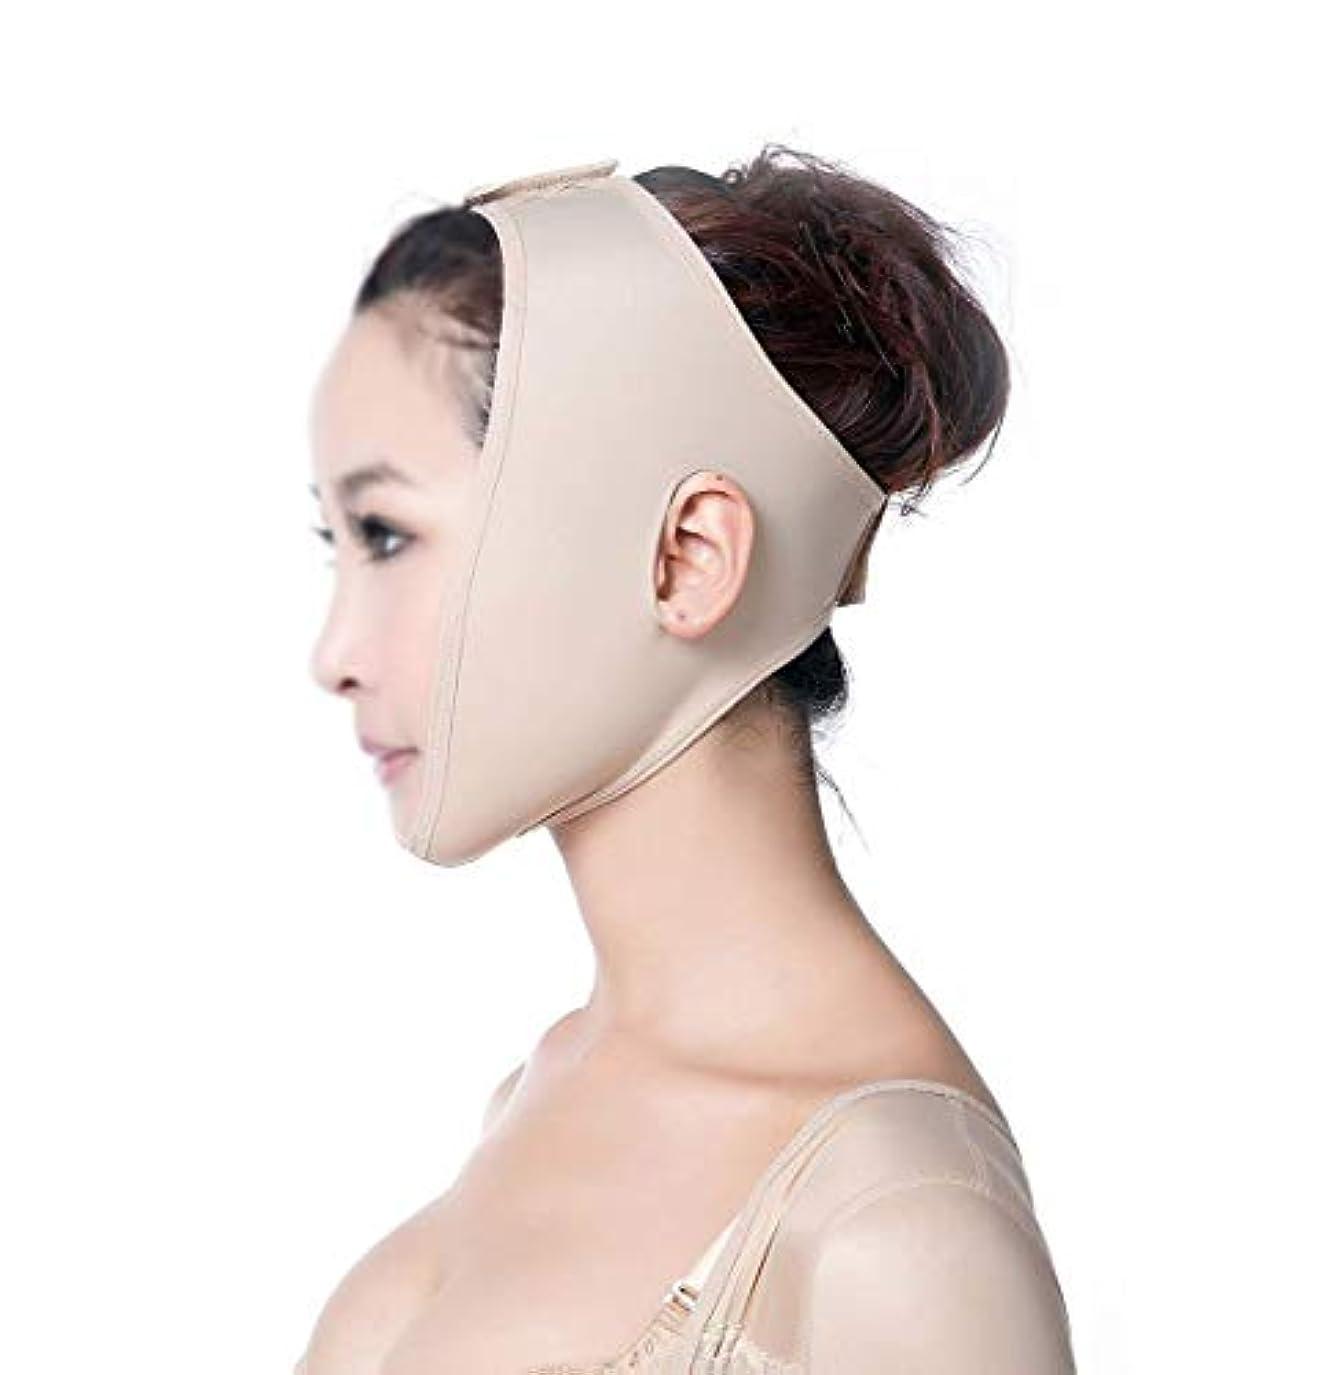 引っ張る一般的に検出フェイスリフトマスクフェイスアンドネックリフトポストエラスティックスリーブ下顎骨セットフェイスアーティファクトVフェイスフェイシャルフェイスバンドルダブルチンマスク(サイズ:L)